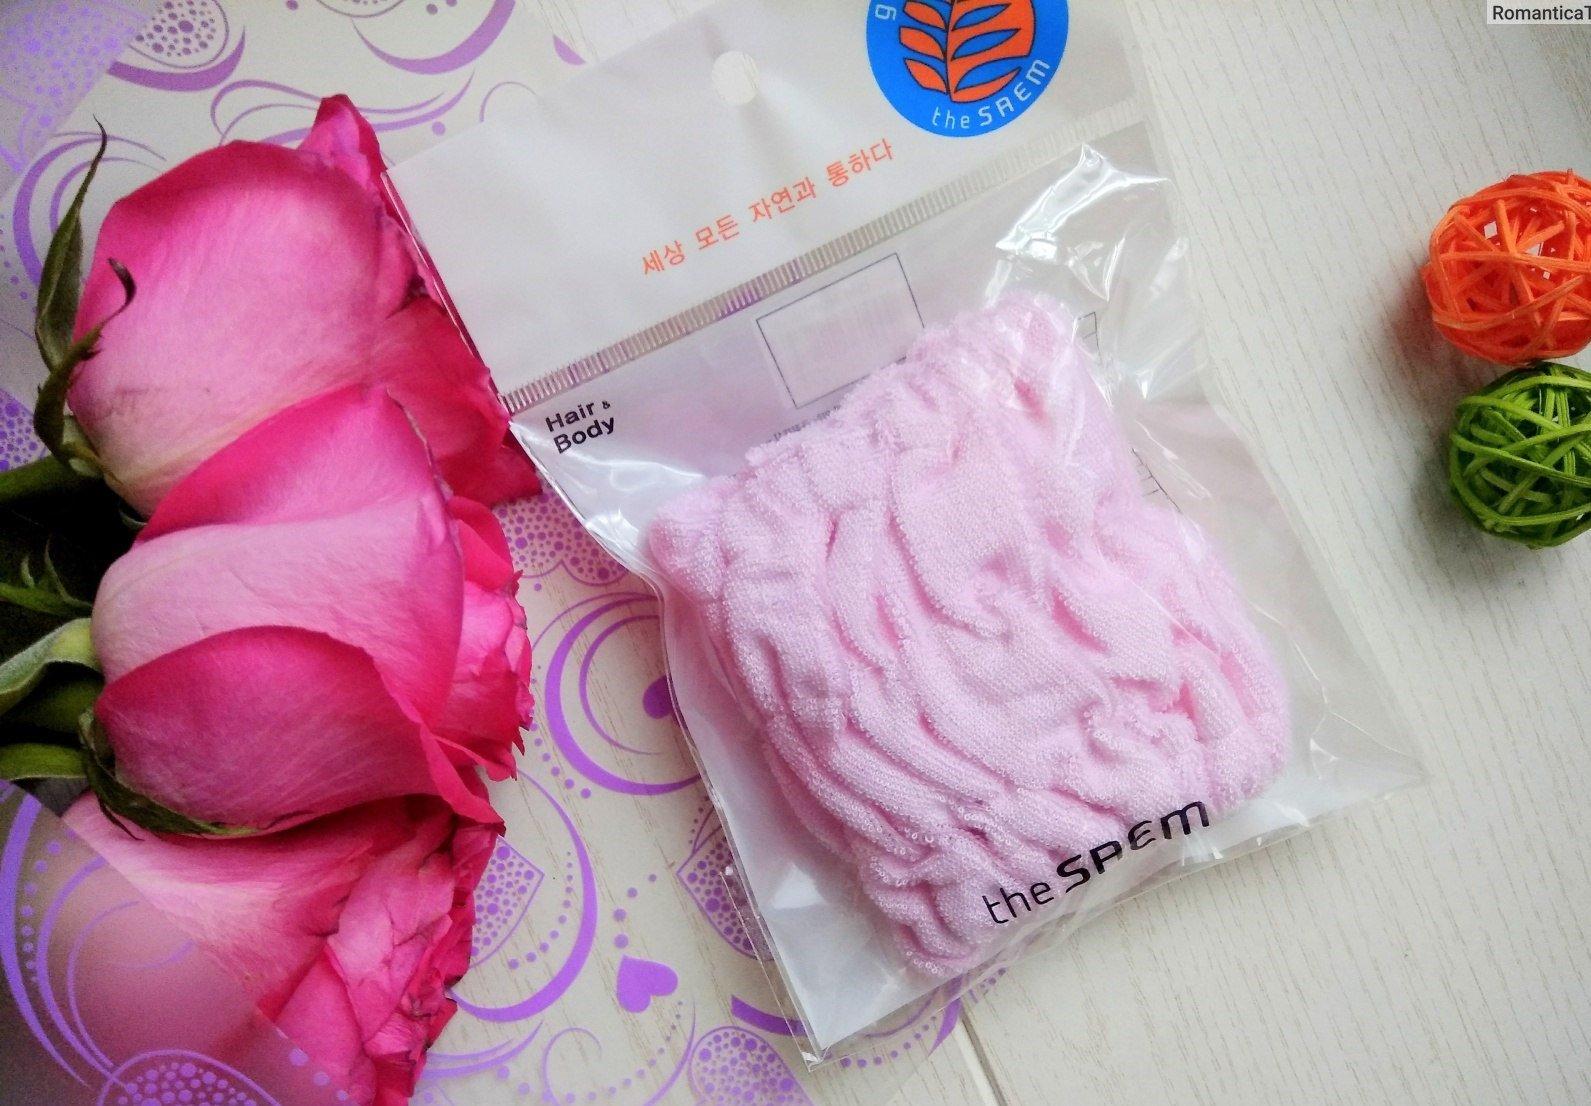 Băng Đô Tóc The Saem Cosmetic Tools